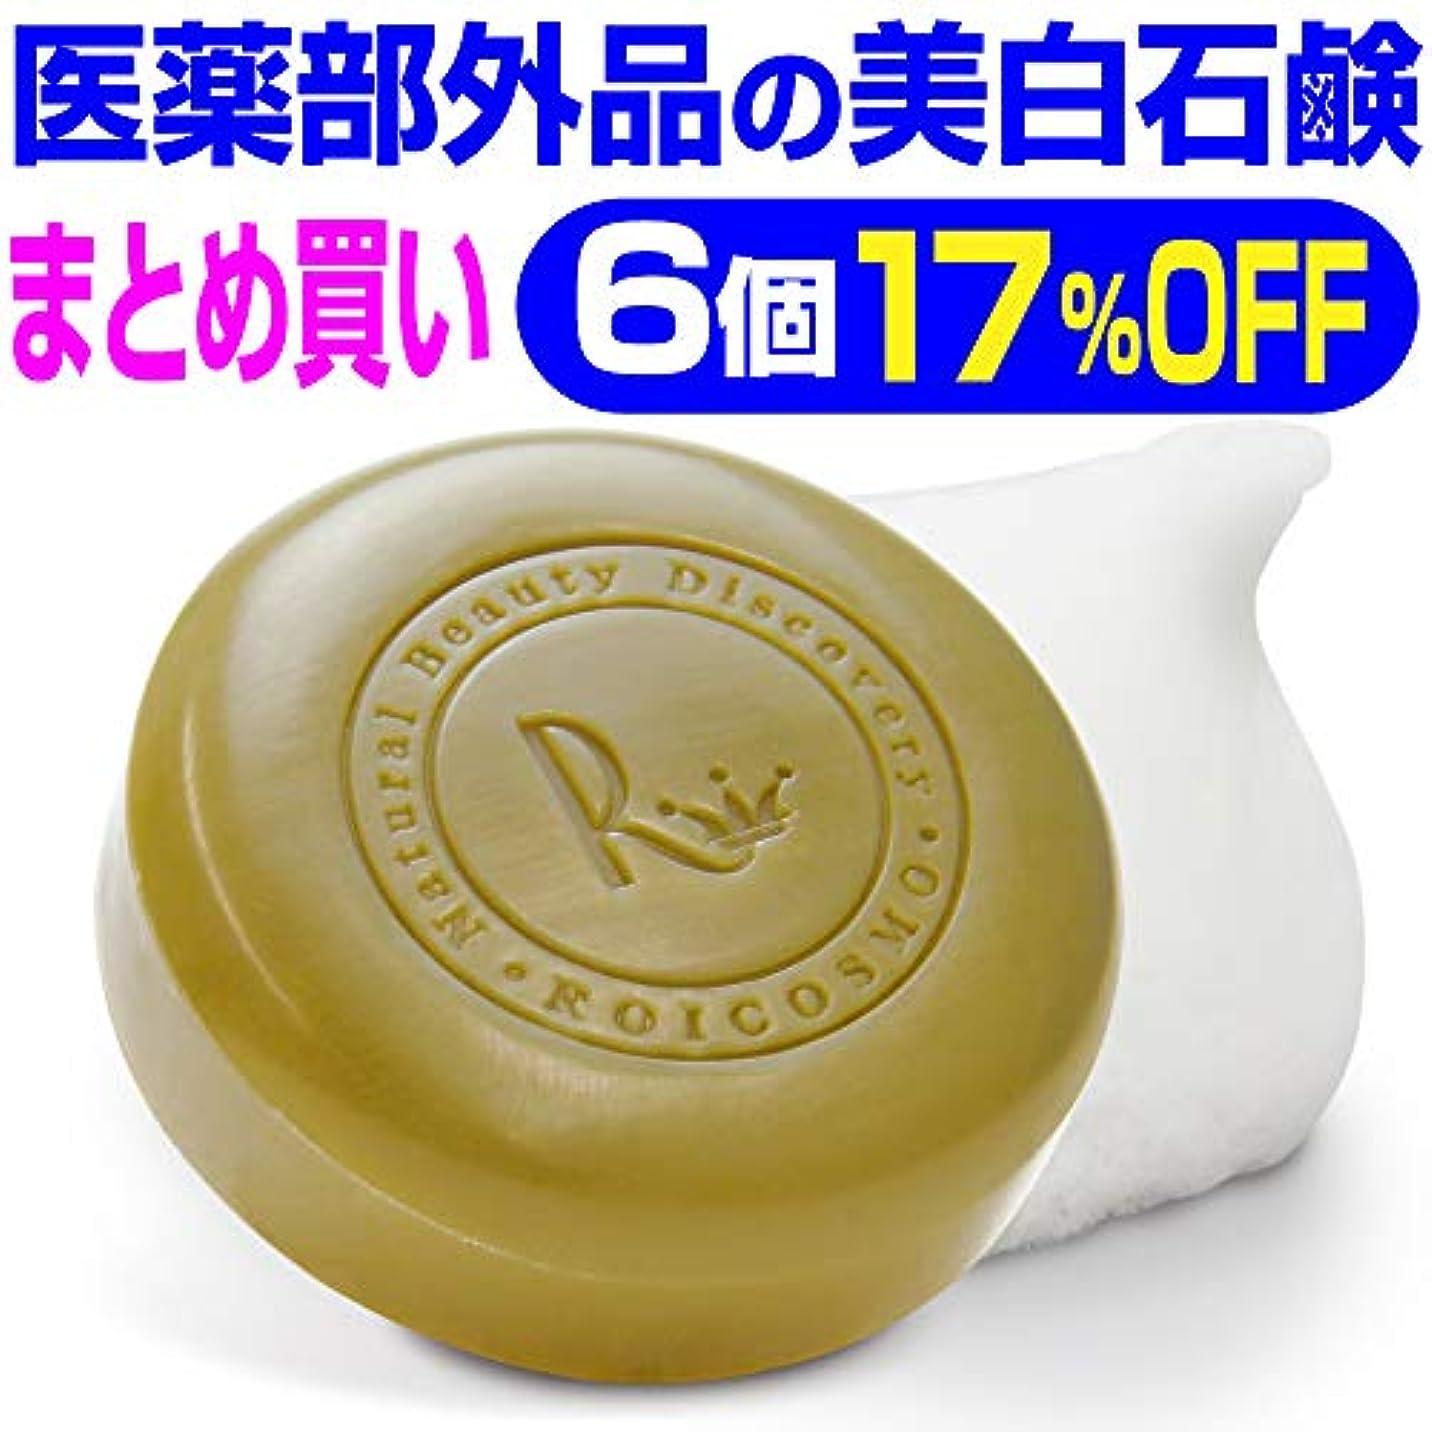 代表する注入送った6個まとめ買い17%OFF 美白石鹸/ビタミンC270倍の美白成分配合の 洗顔石鹸『ホワイトソープ100g×6個』